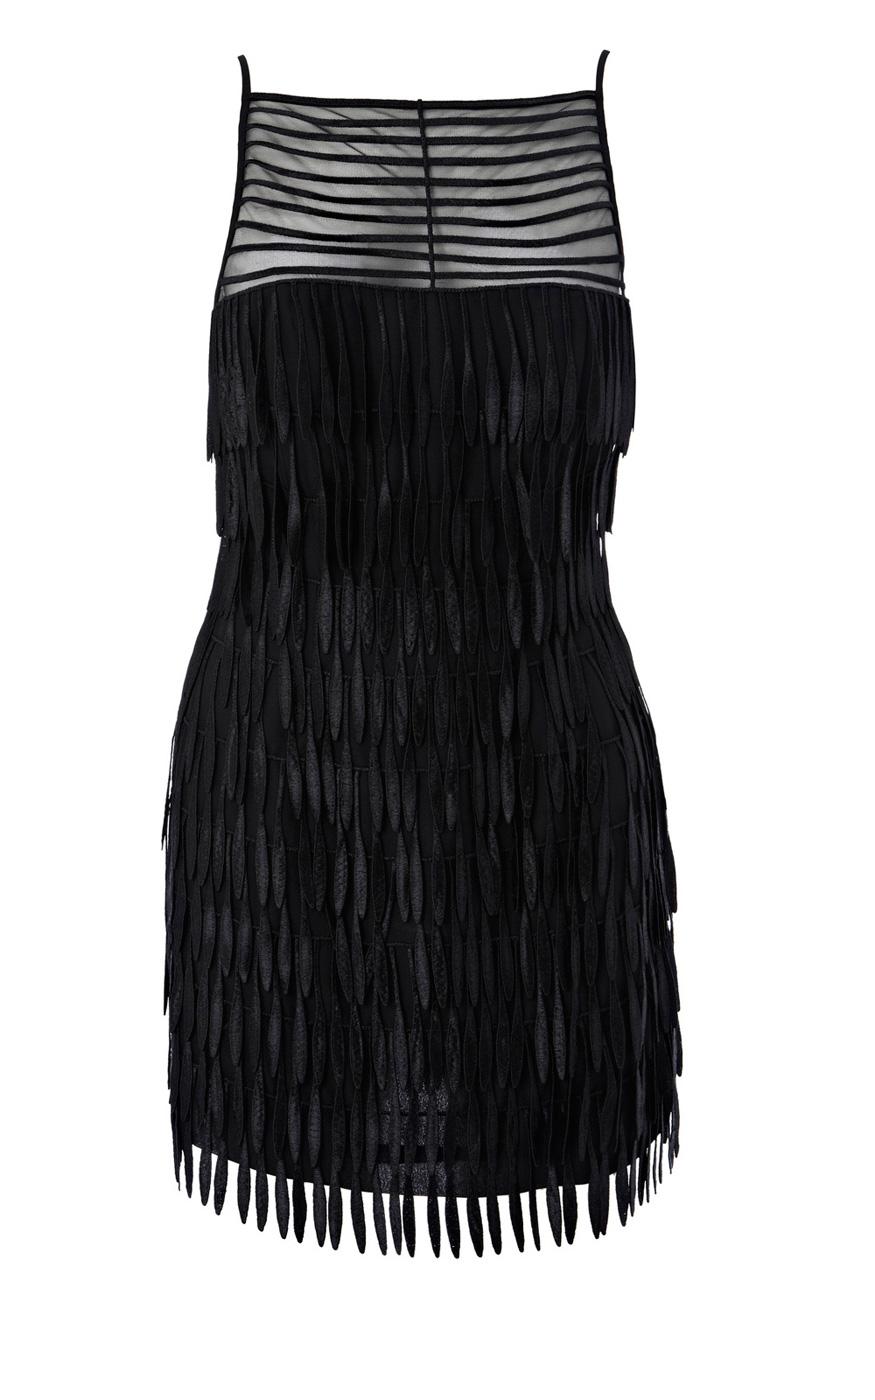 beaded fringe dress karen millenKaren Millen Fringed Dress Black  me37wo0338     20080   Karen A48ya1PI